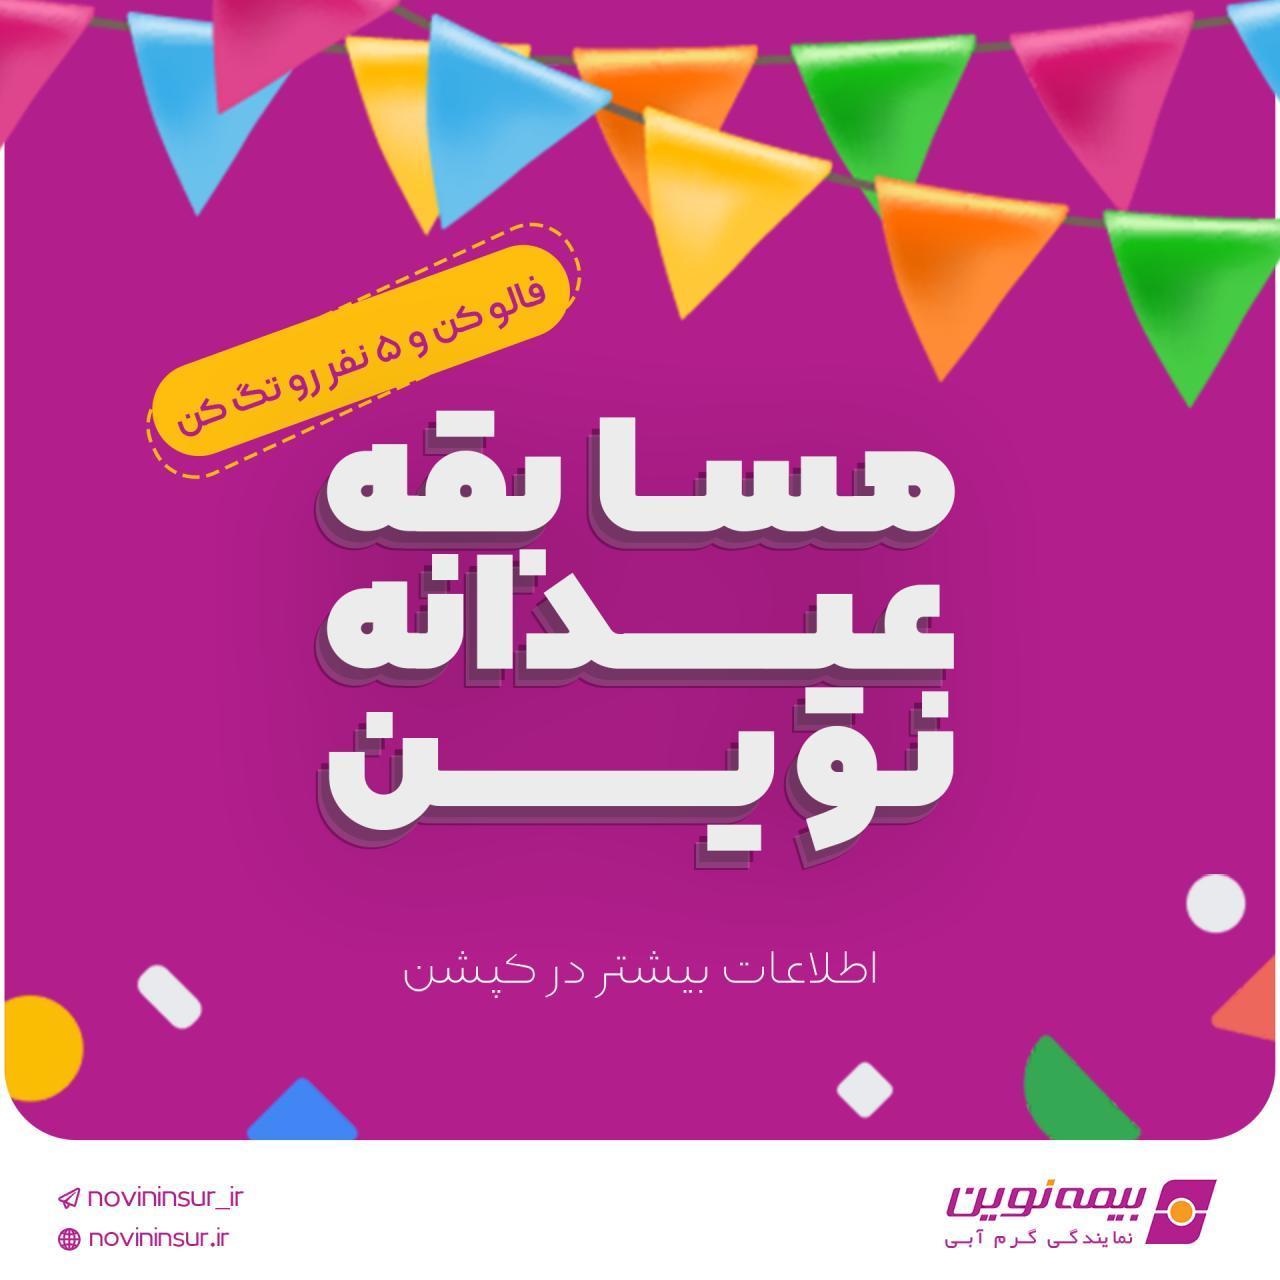 مسابقه عیدانه بیمه نوین